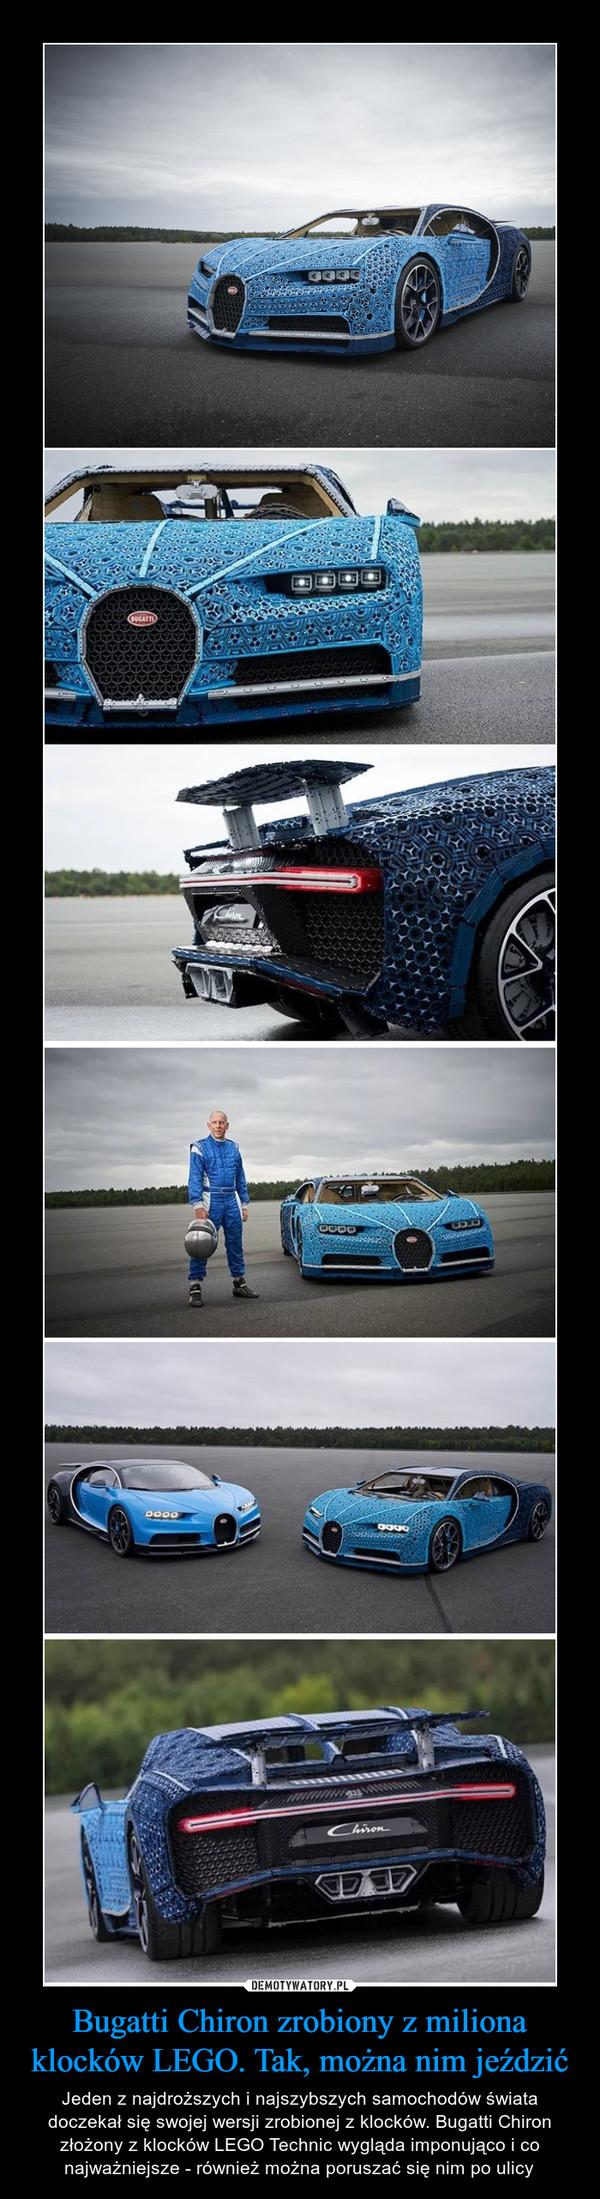 Bugatti Chiron zrobiony z miliona klocków LEGO. Tak, można nim jeździć – Jeden z najdroższych i najszybszych samochodów świata doczekał się swojej wersji zrobionej z klocków. Bugatti Chiron złożony z klocków LEGO Technic wygląda imponująco i co najważniejsze - również można poruszać się nim po ulicy